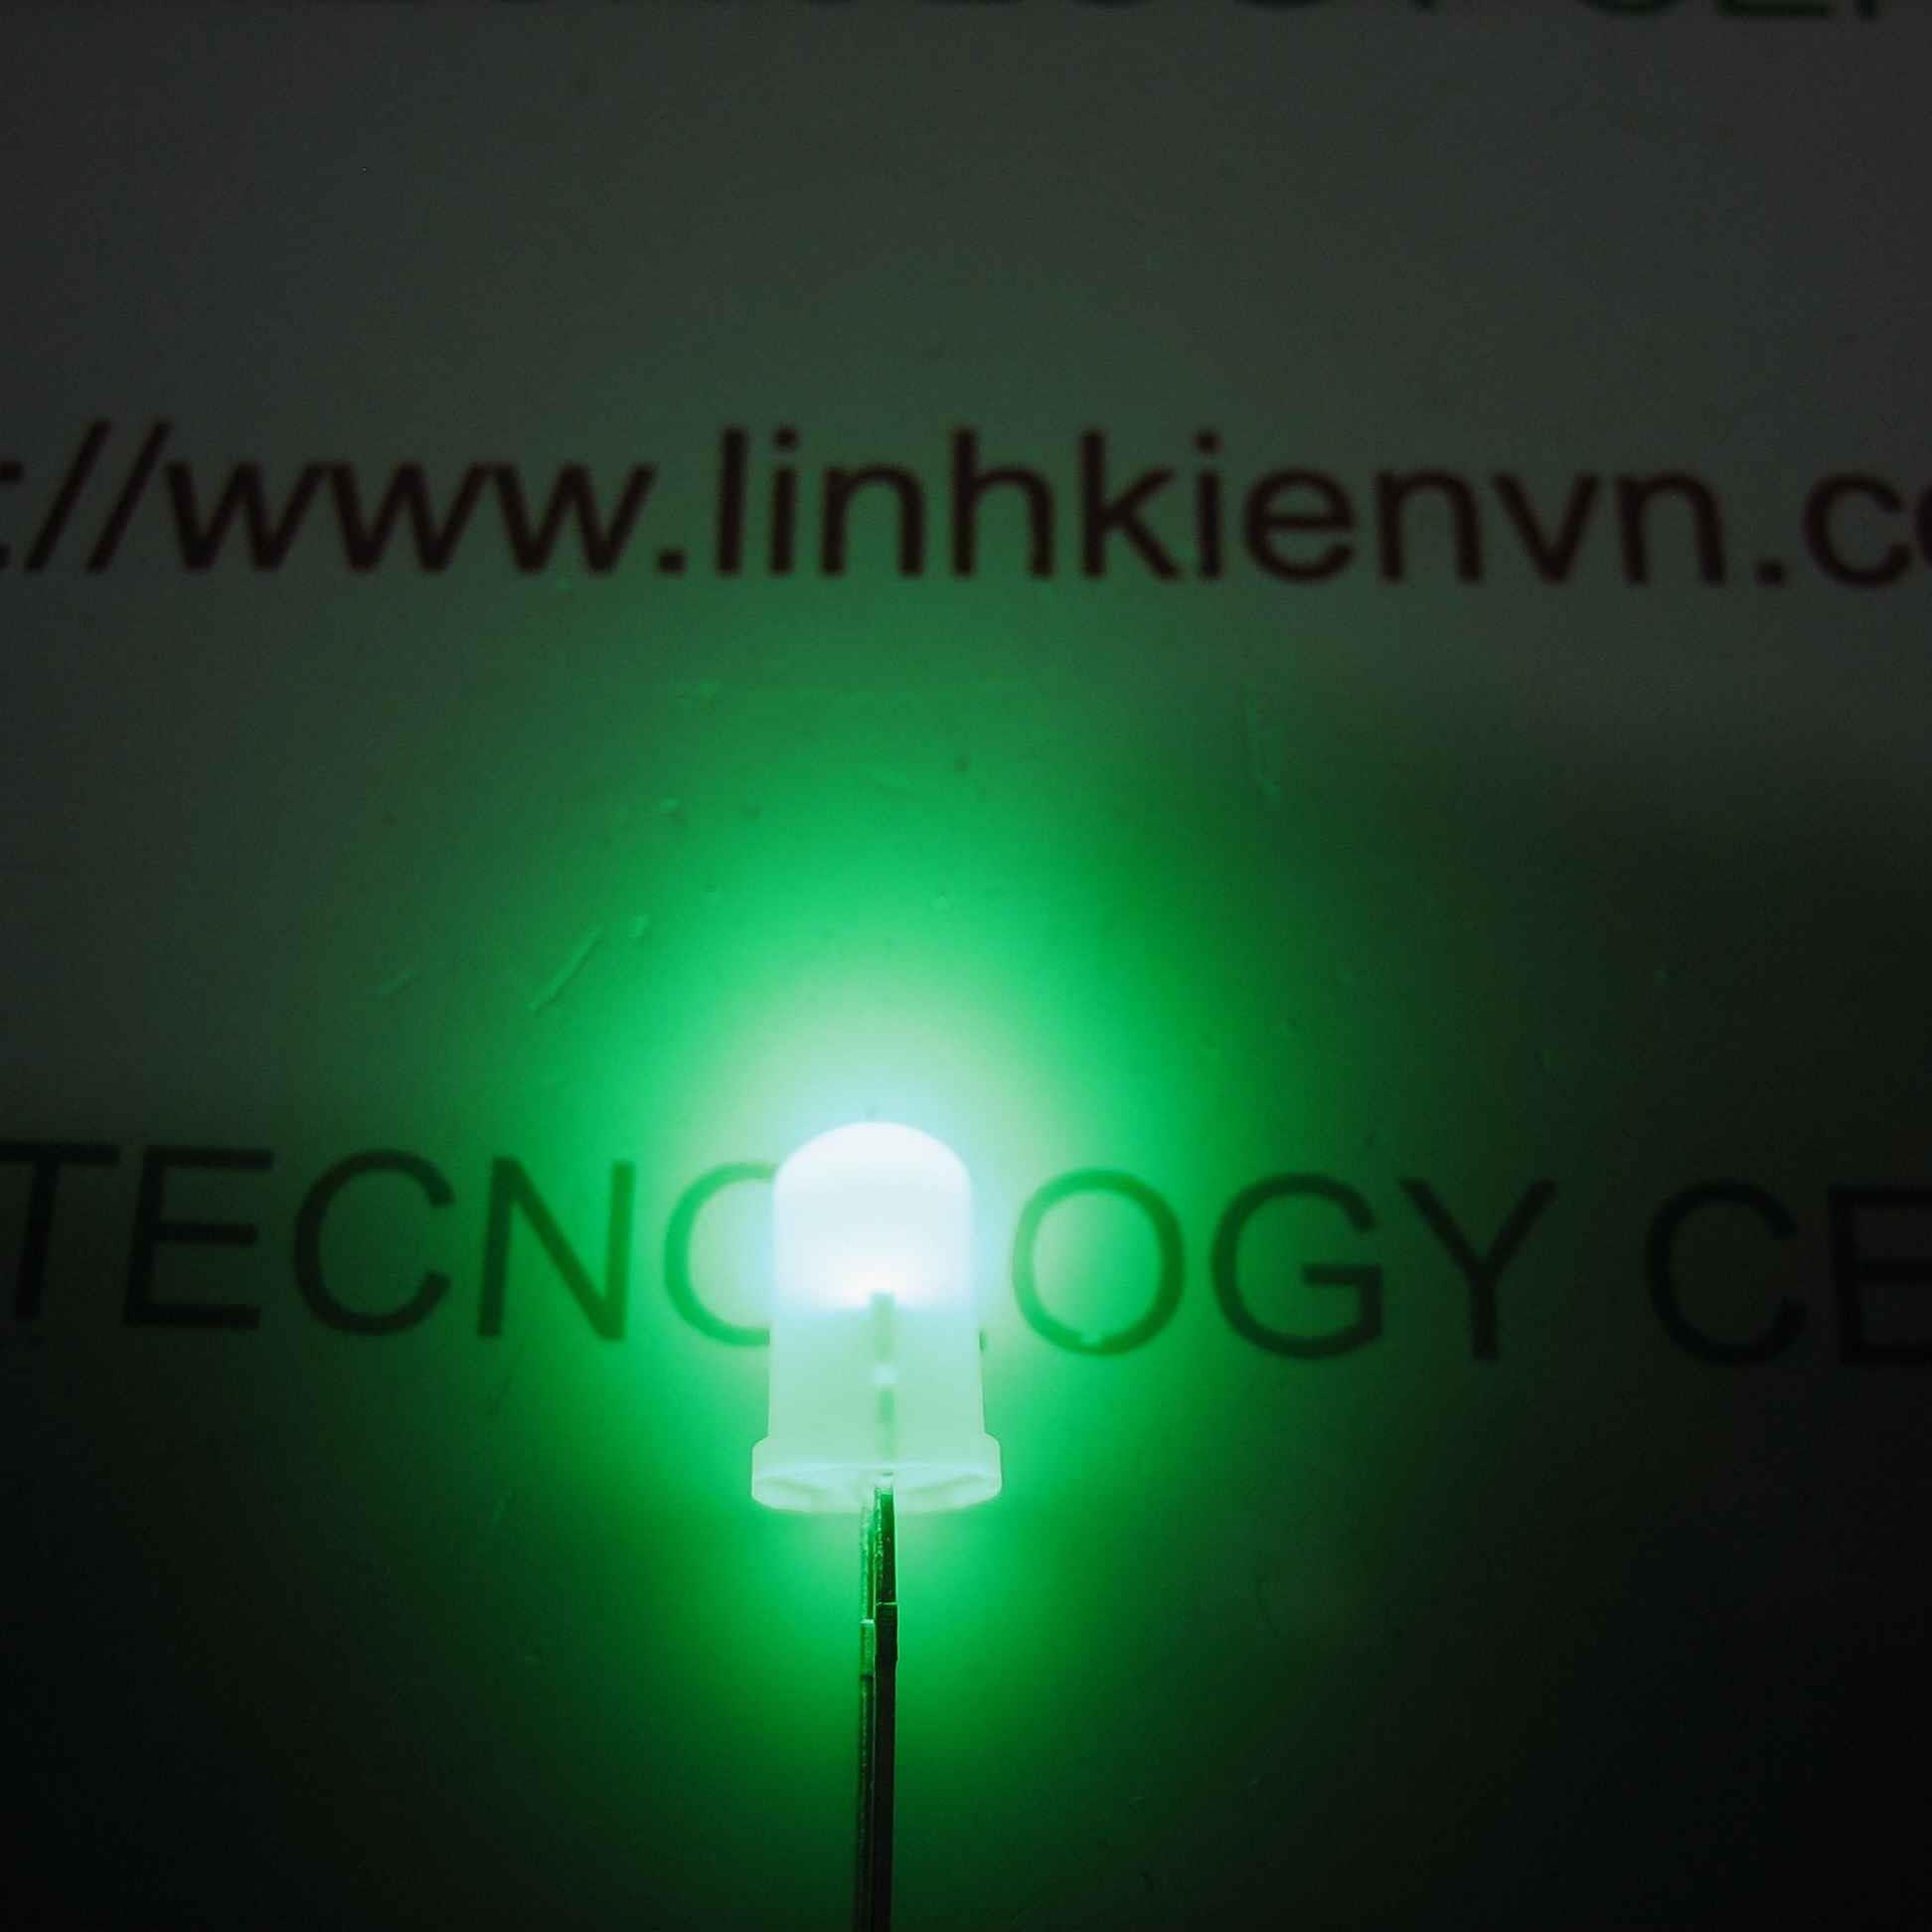 Led siêu sáng đục 5mm - Mầu xanh lá (10 chiếc) - A5H19 (KA2H1)